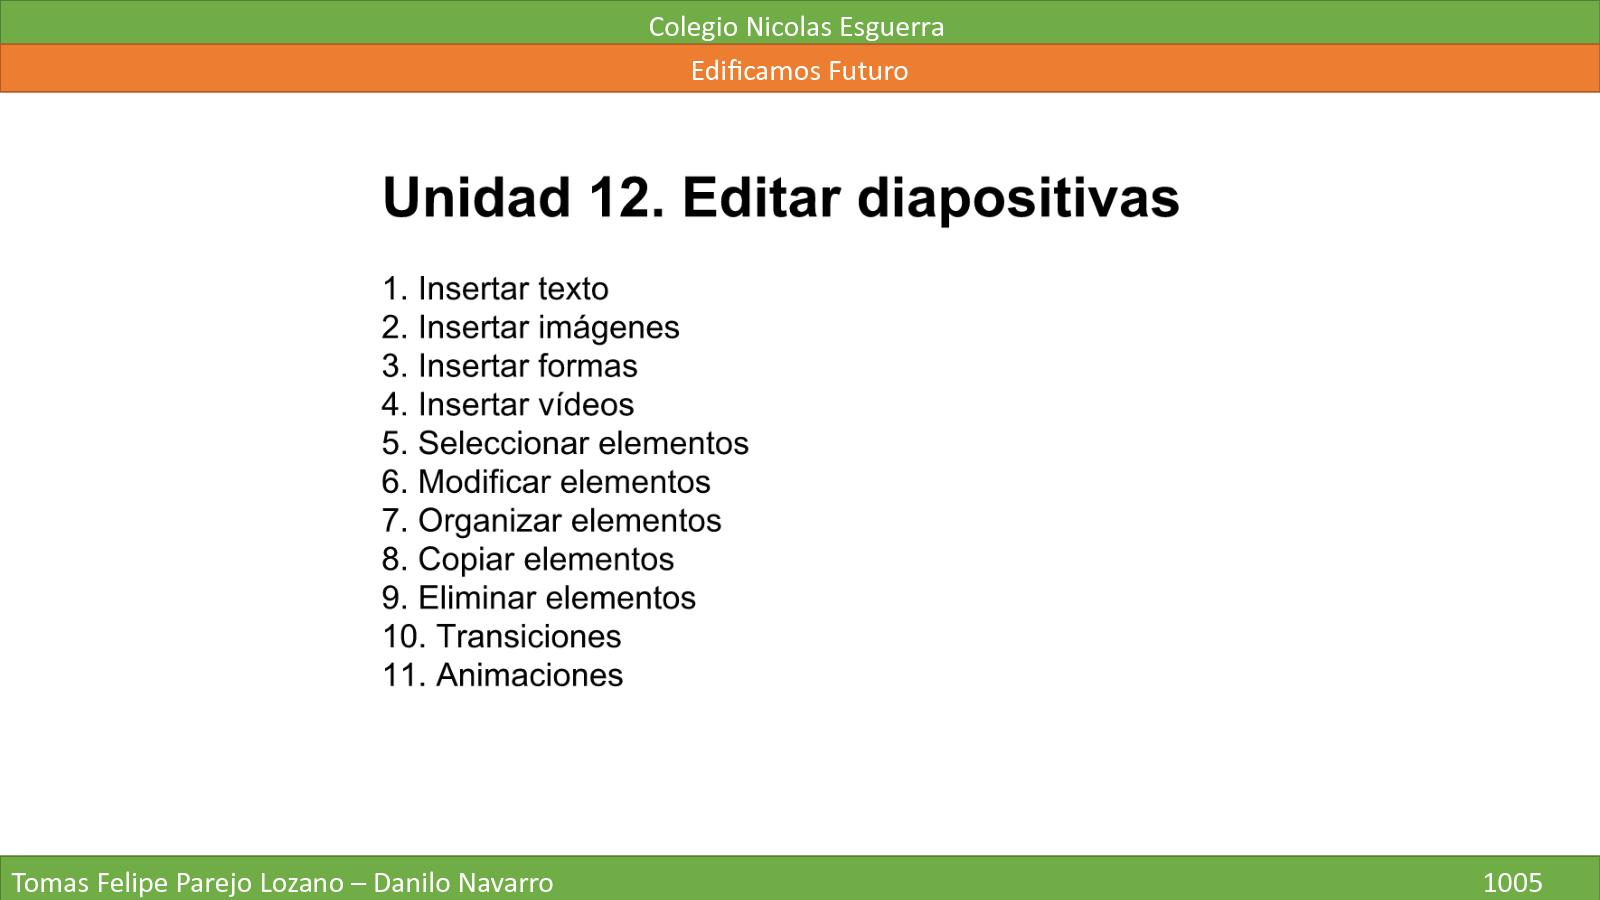 Unidad 12